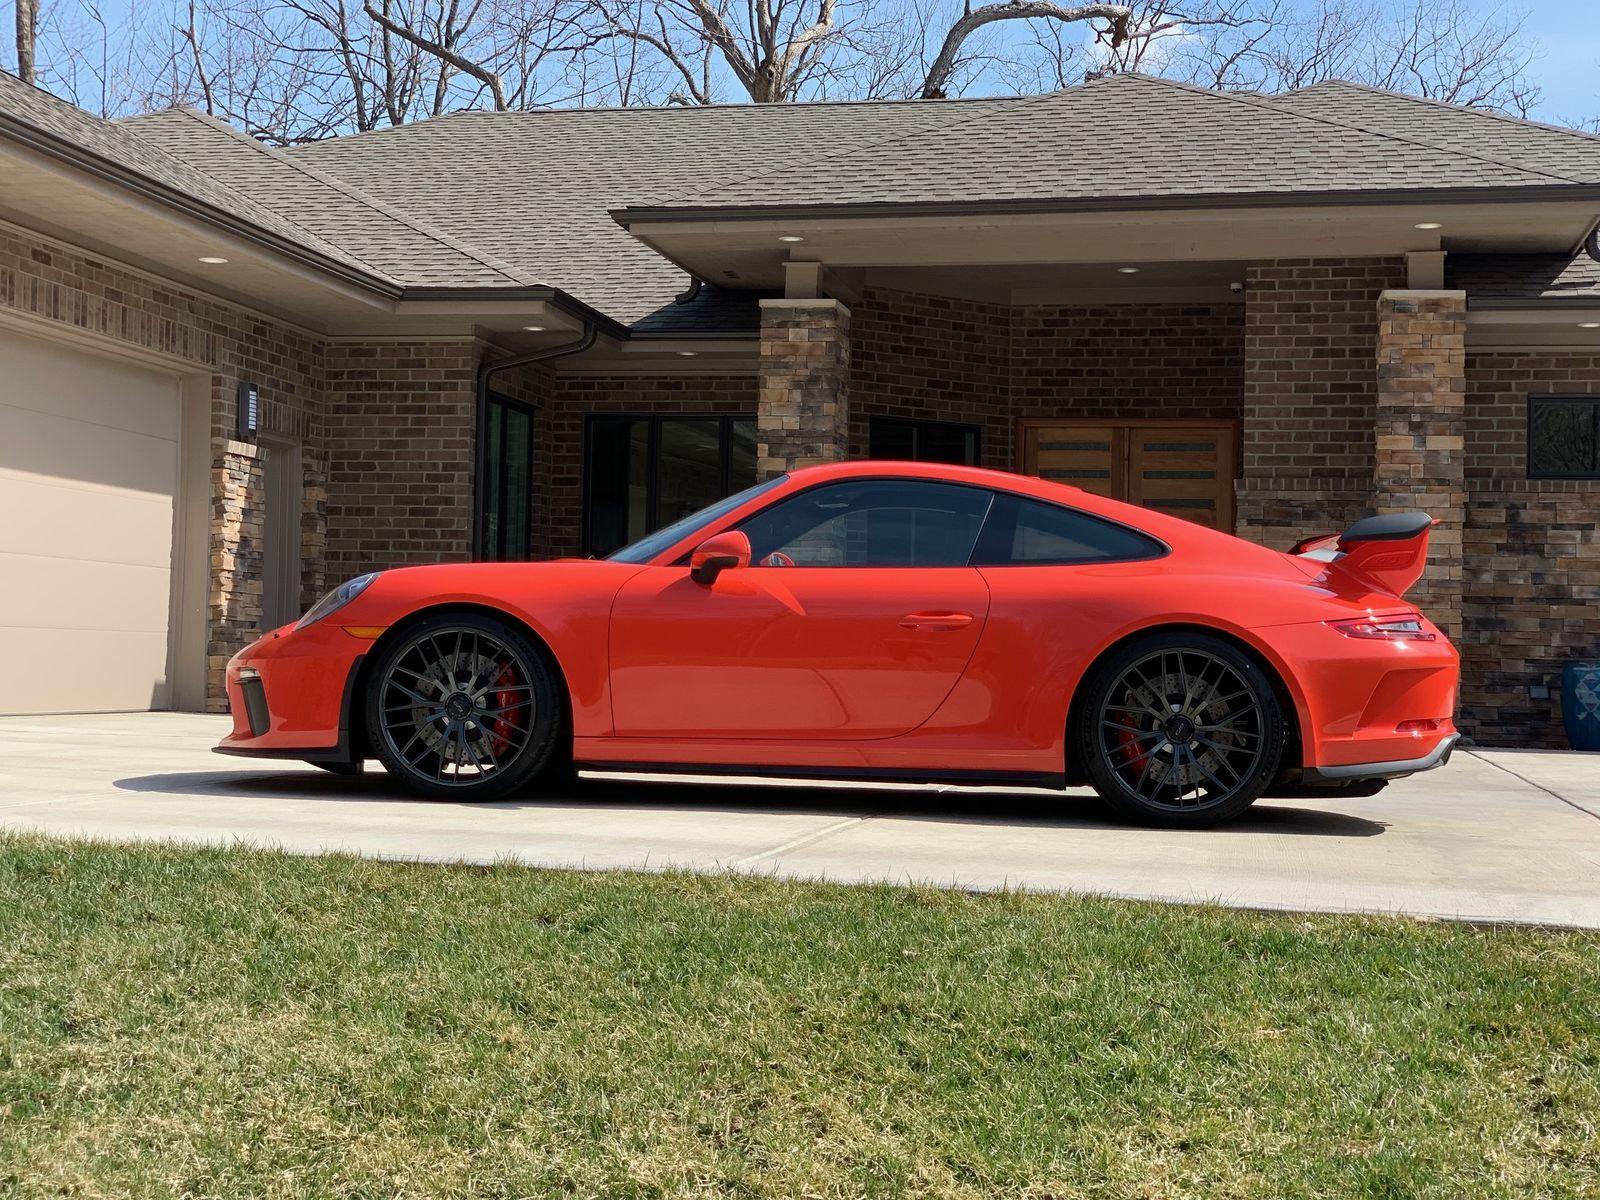 2018 Porsche 911   Alan Coleman's Lava Orange Porsche 991 GT3 on Forgeline One Piece Forged Monoblock ZH1 Wheels